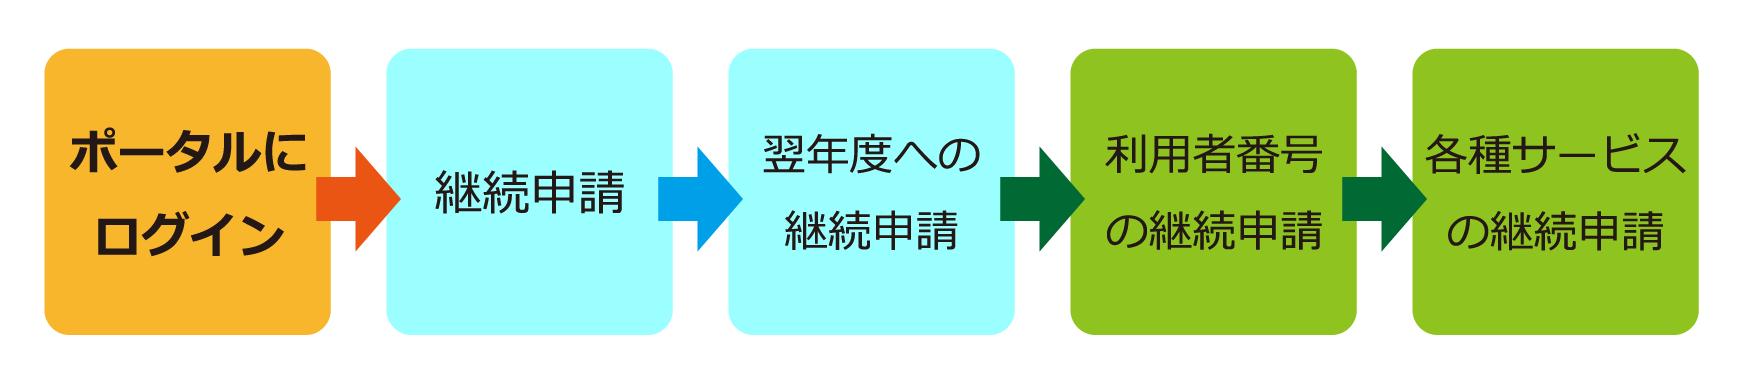 継続申請-Web